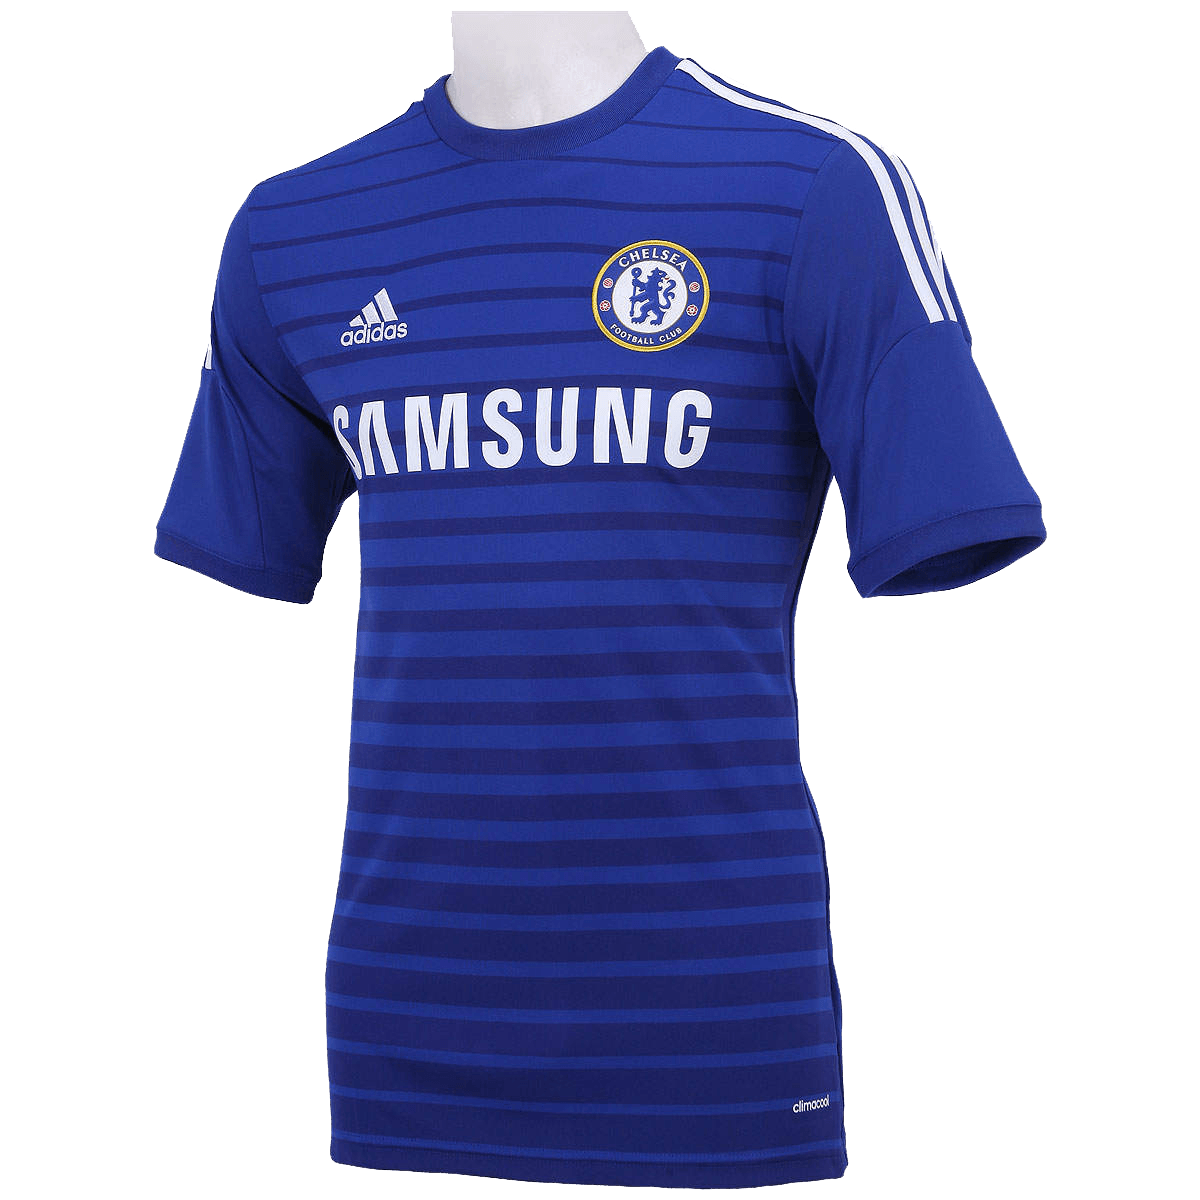 3c6a6679c452a Compre aqui a camisa oficial do Chelsea na Netshoes com 18% OFF.